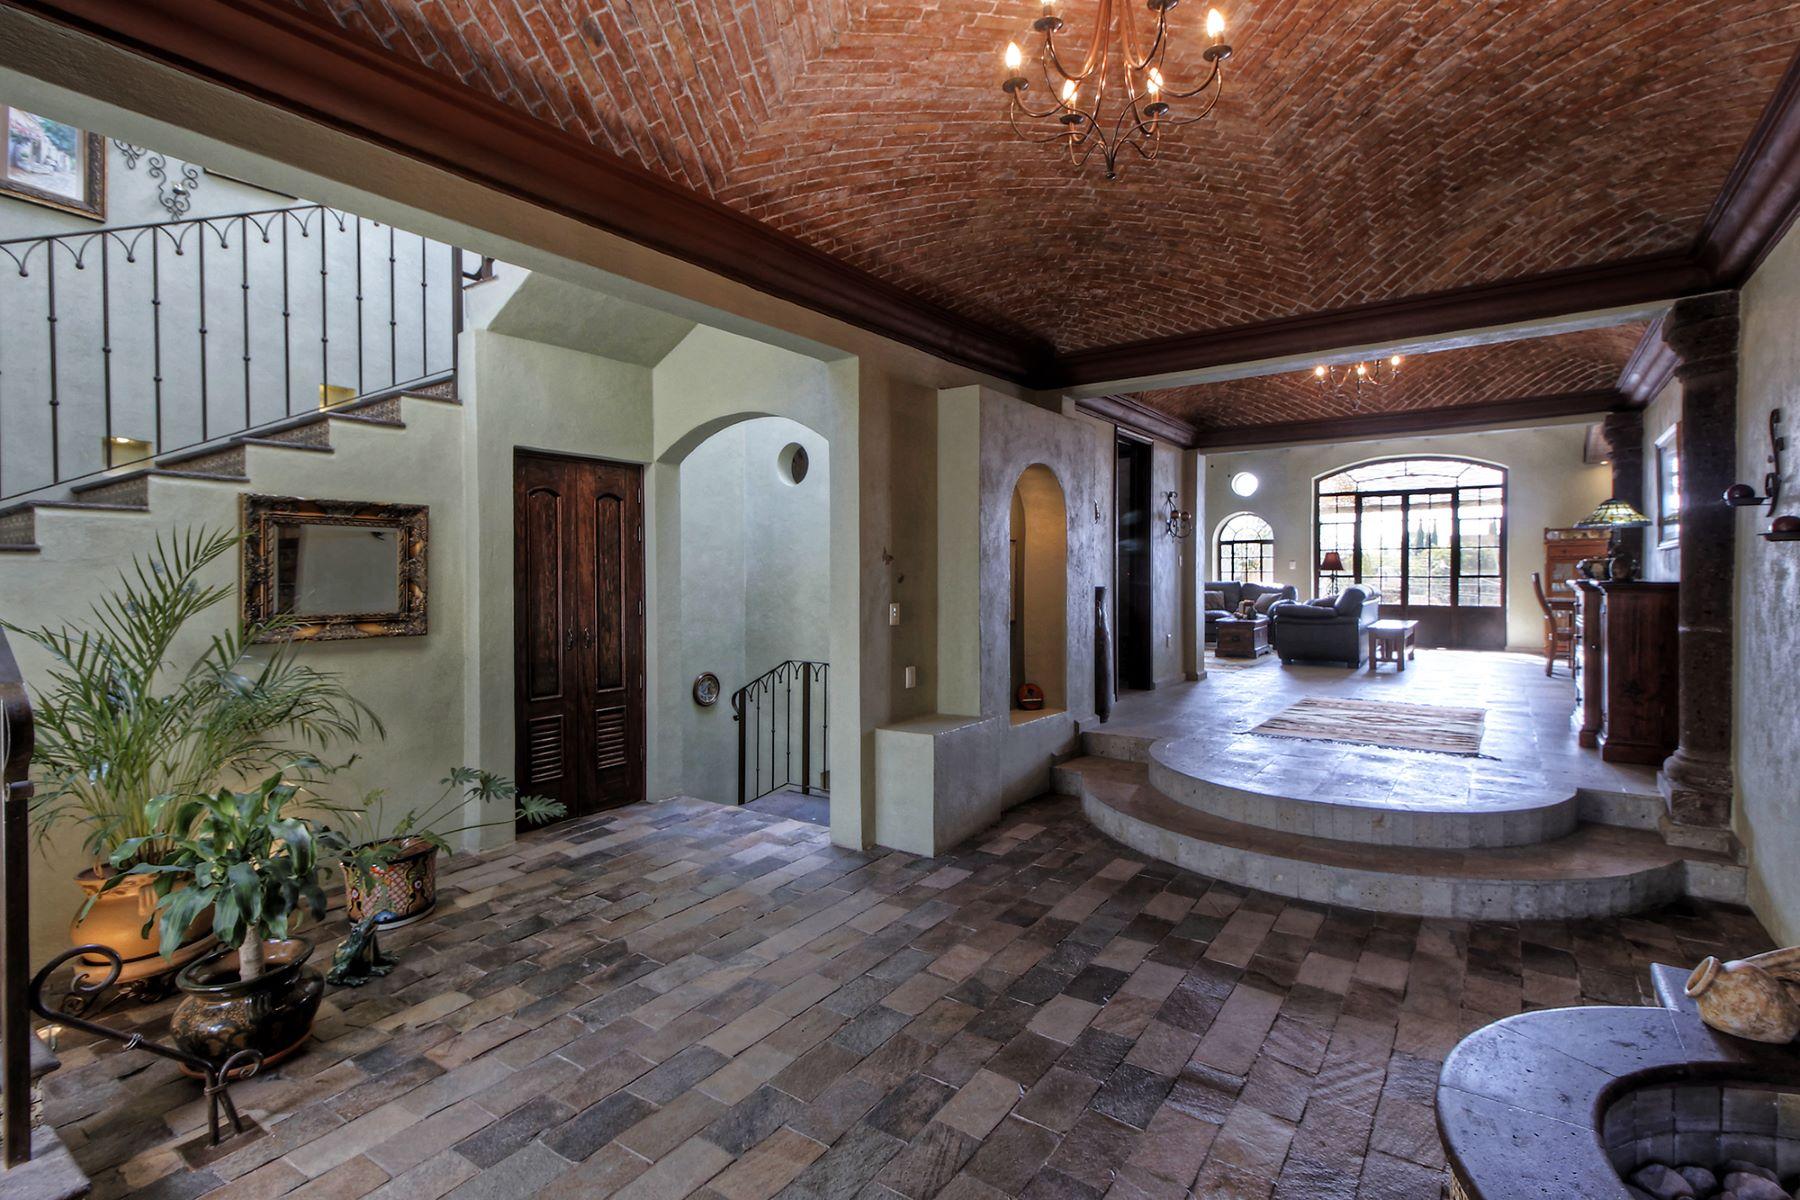 Single Family Home for Sale at Casa San Miguelito Los Frailes, San Miguel De Allende, Guanajuato Mexico